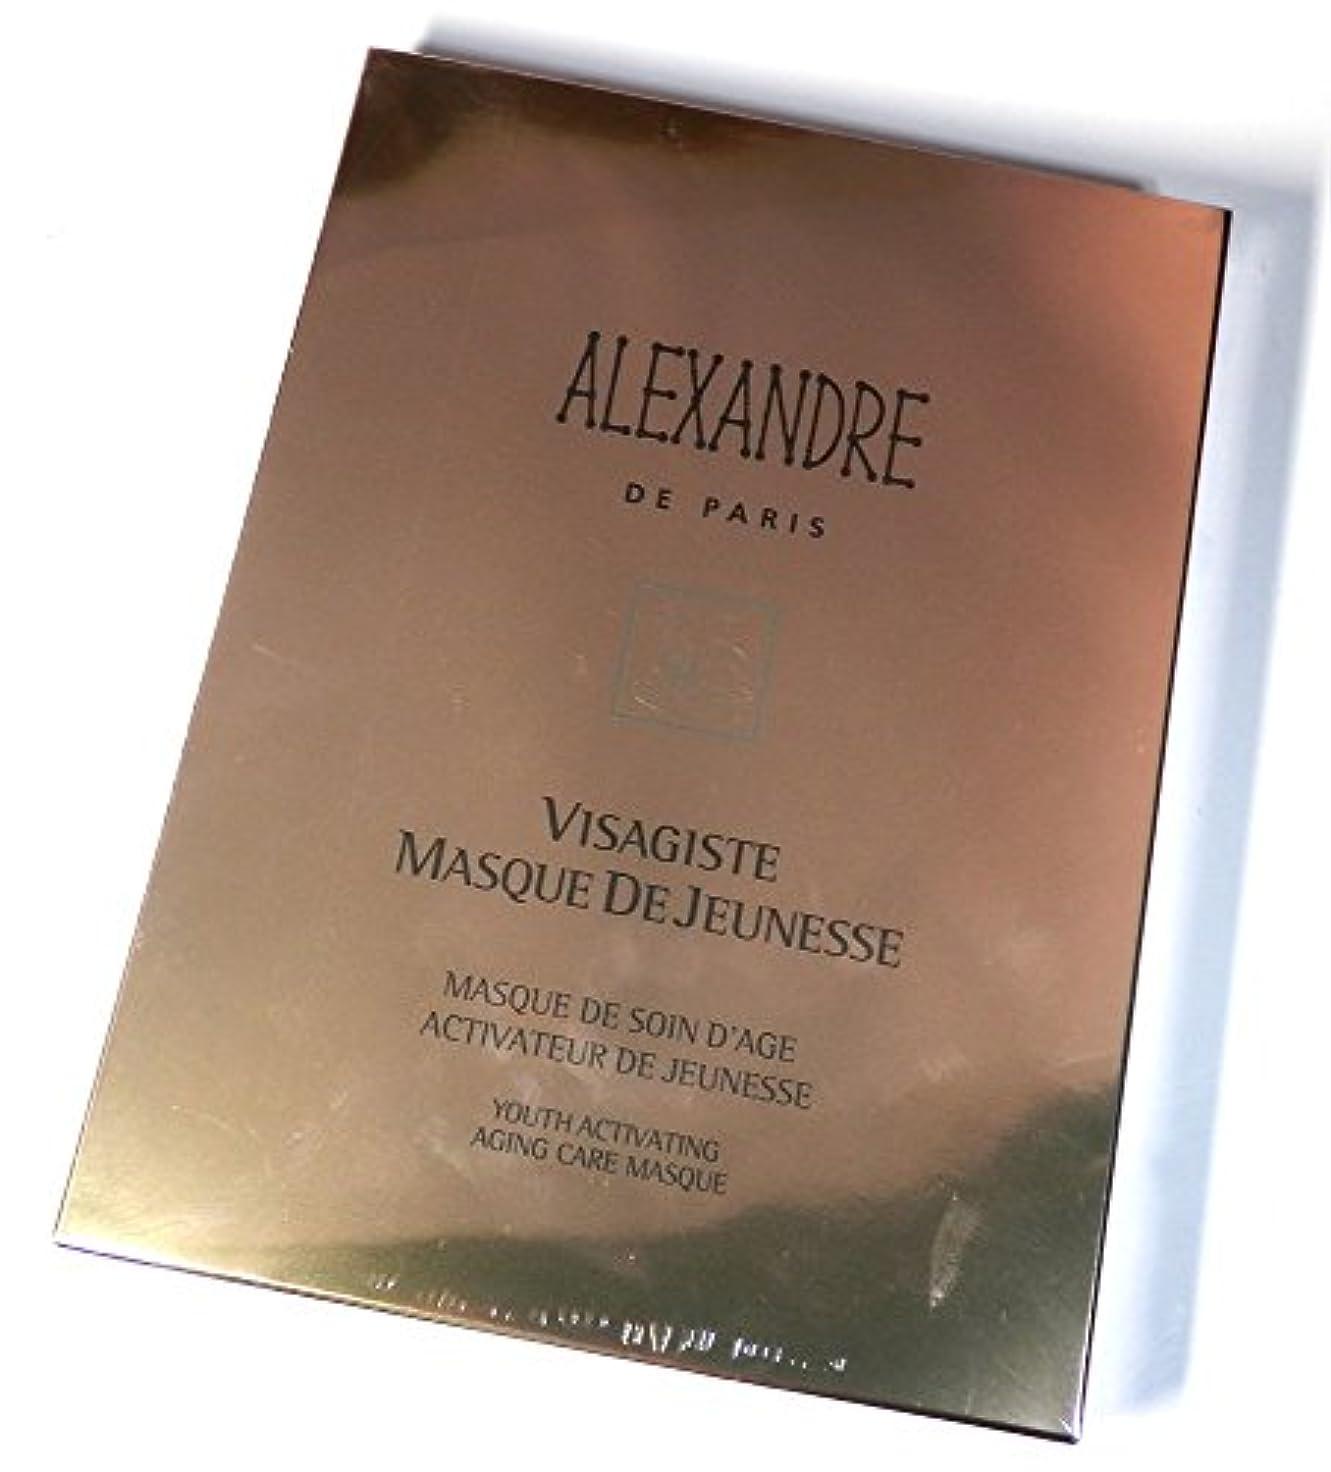 債務思いやり泣くアレクサンドルドゥパリ ヴィザジスト マスクドゥジュネス(シート状トリートメントマスク)16mL×6枚 新品